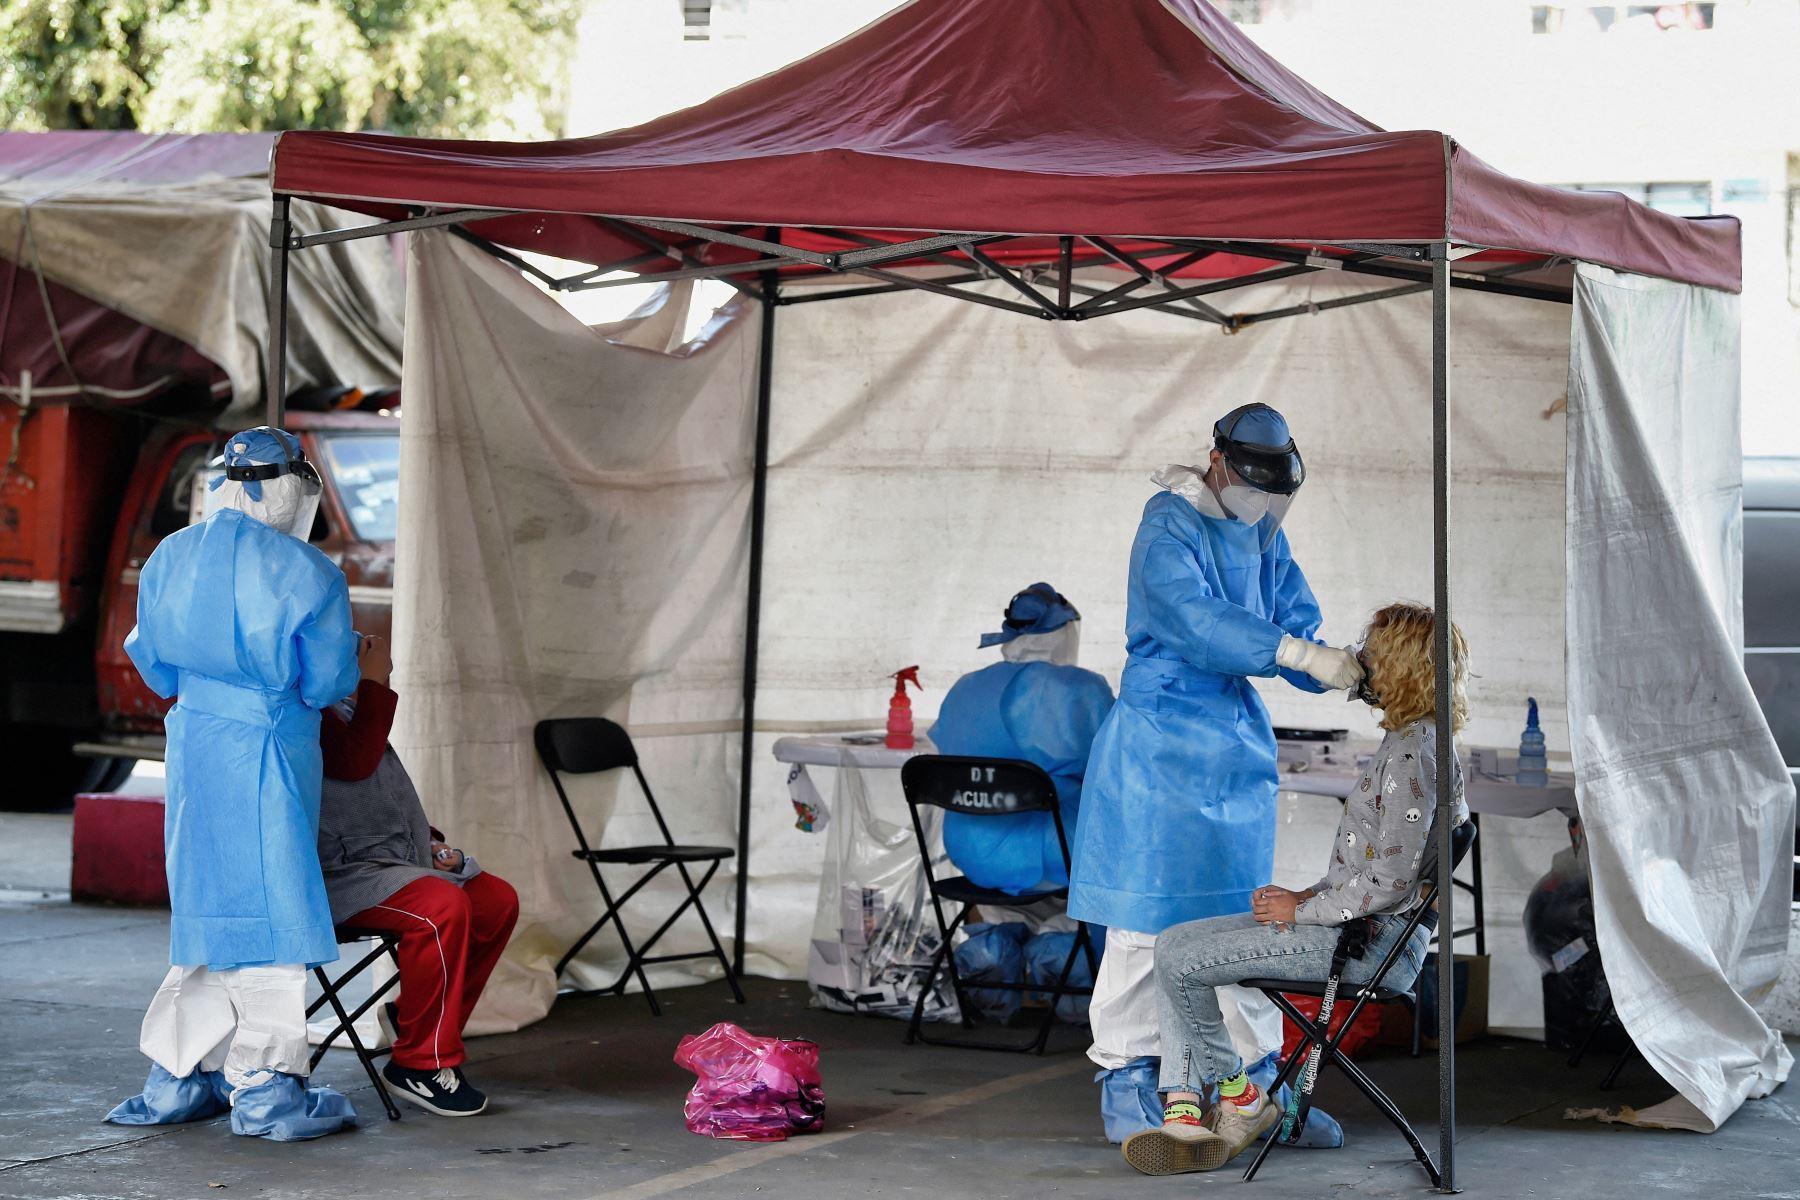 Los trabajadores de la salud realizan una prueba rápida de antígeno Covid-19 en una carpa de salud temporal en la Ciudad de México, el 12 de febrero de 2021. Foto: AFP